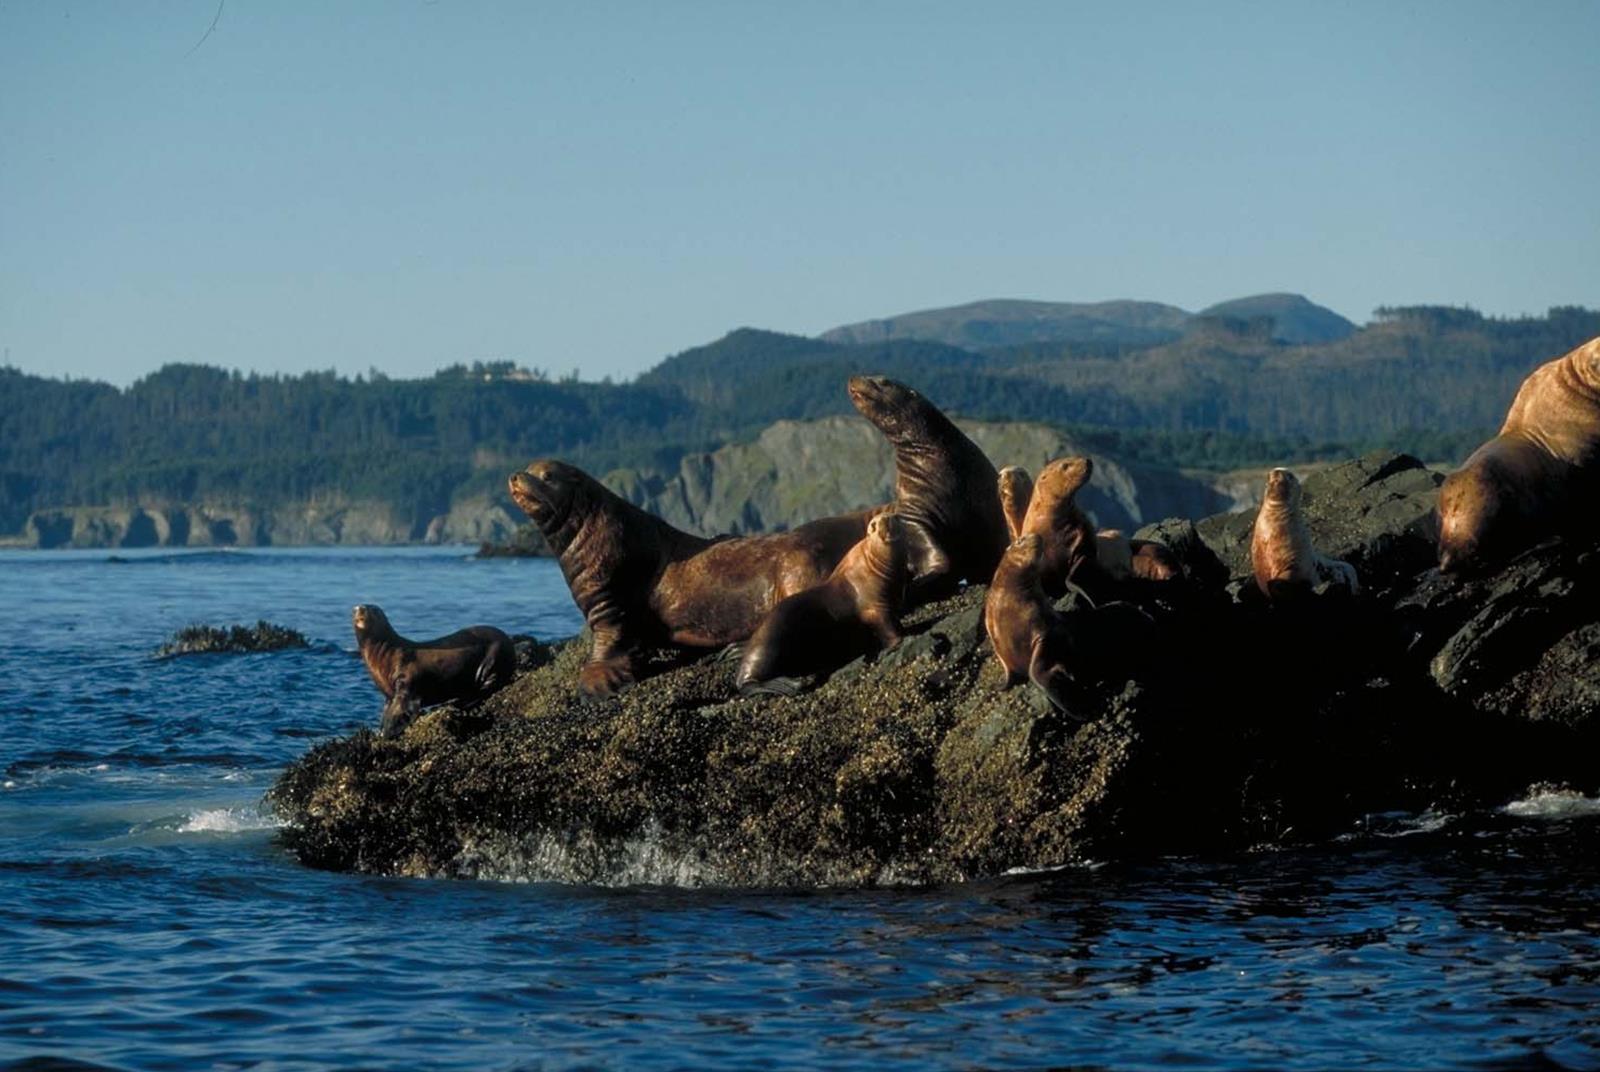 Alaskan sea lions. Credit: travelalaska.com